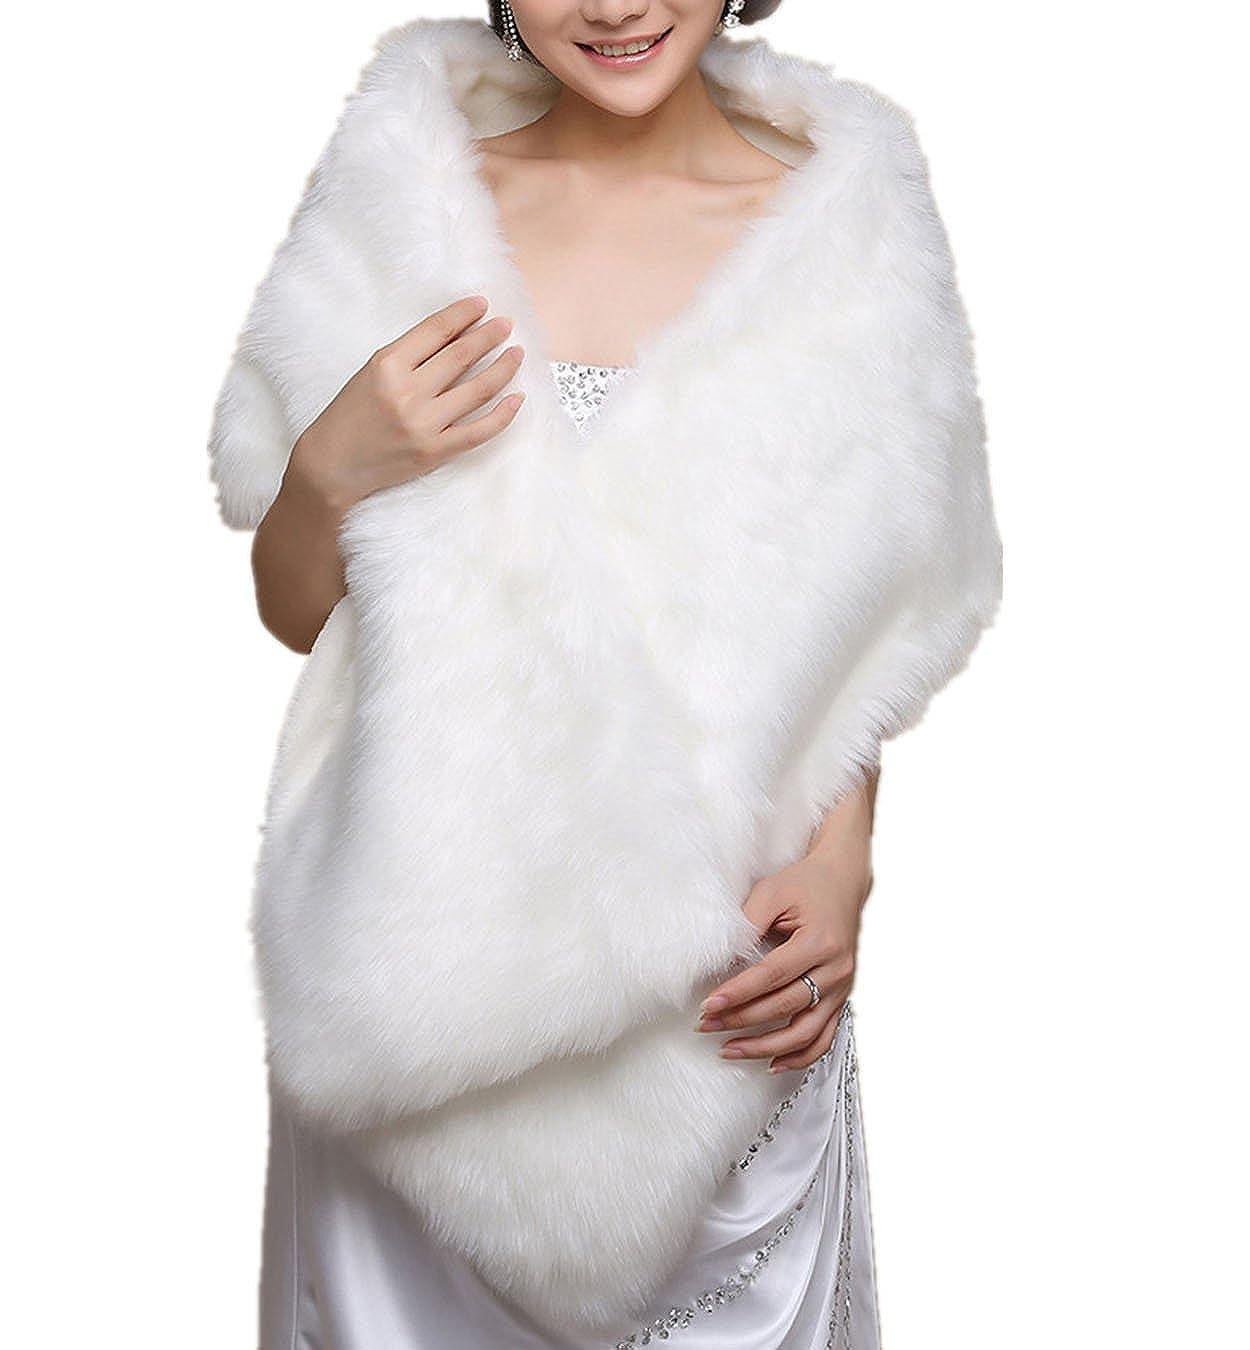 Chickle Women's Winter Fur Warm Long Wrap Wedding Shawl -QLYYPJ028-1